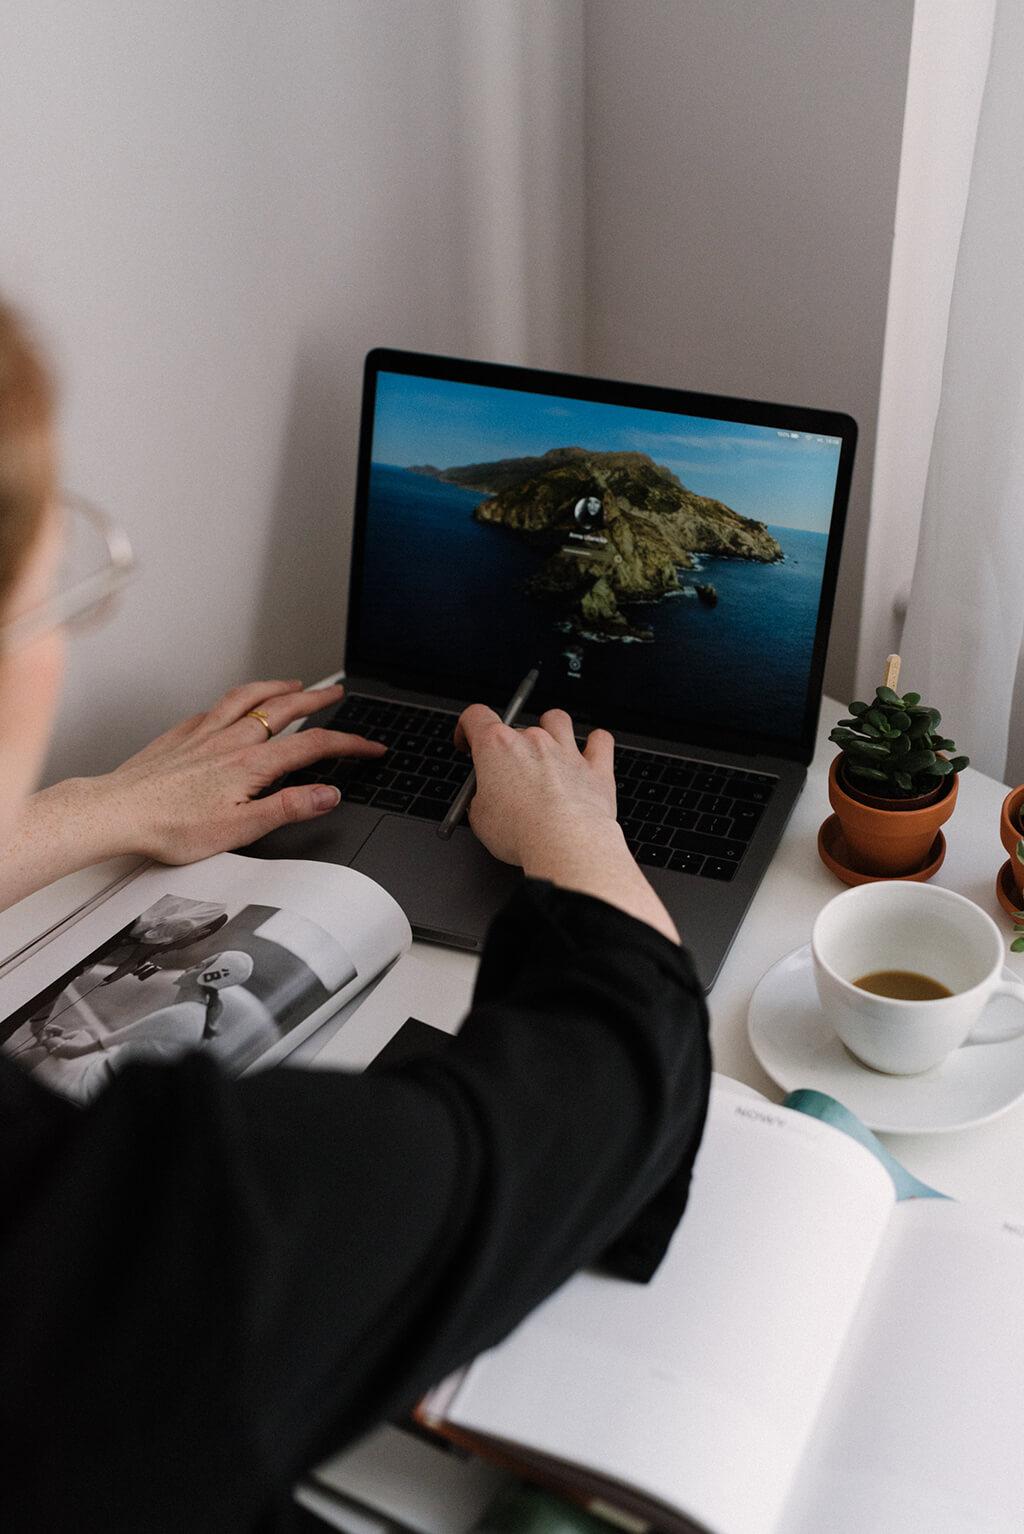 Jak pracować produktywnie, kiedy totalnie Ci się nie chce? Określ jasno zadanie, które masz do zrobienia w pierwszej kolejności.